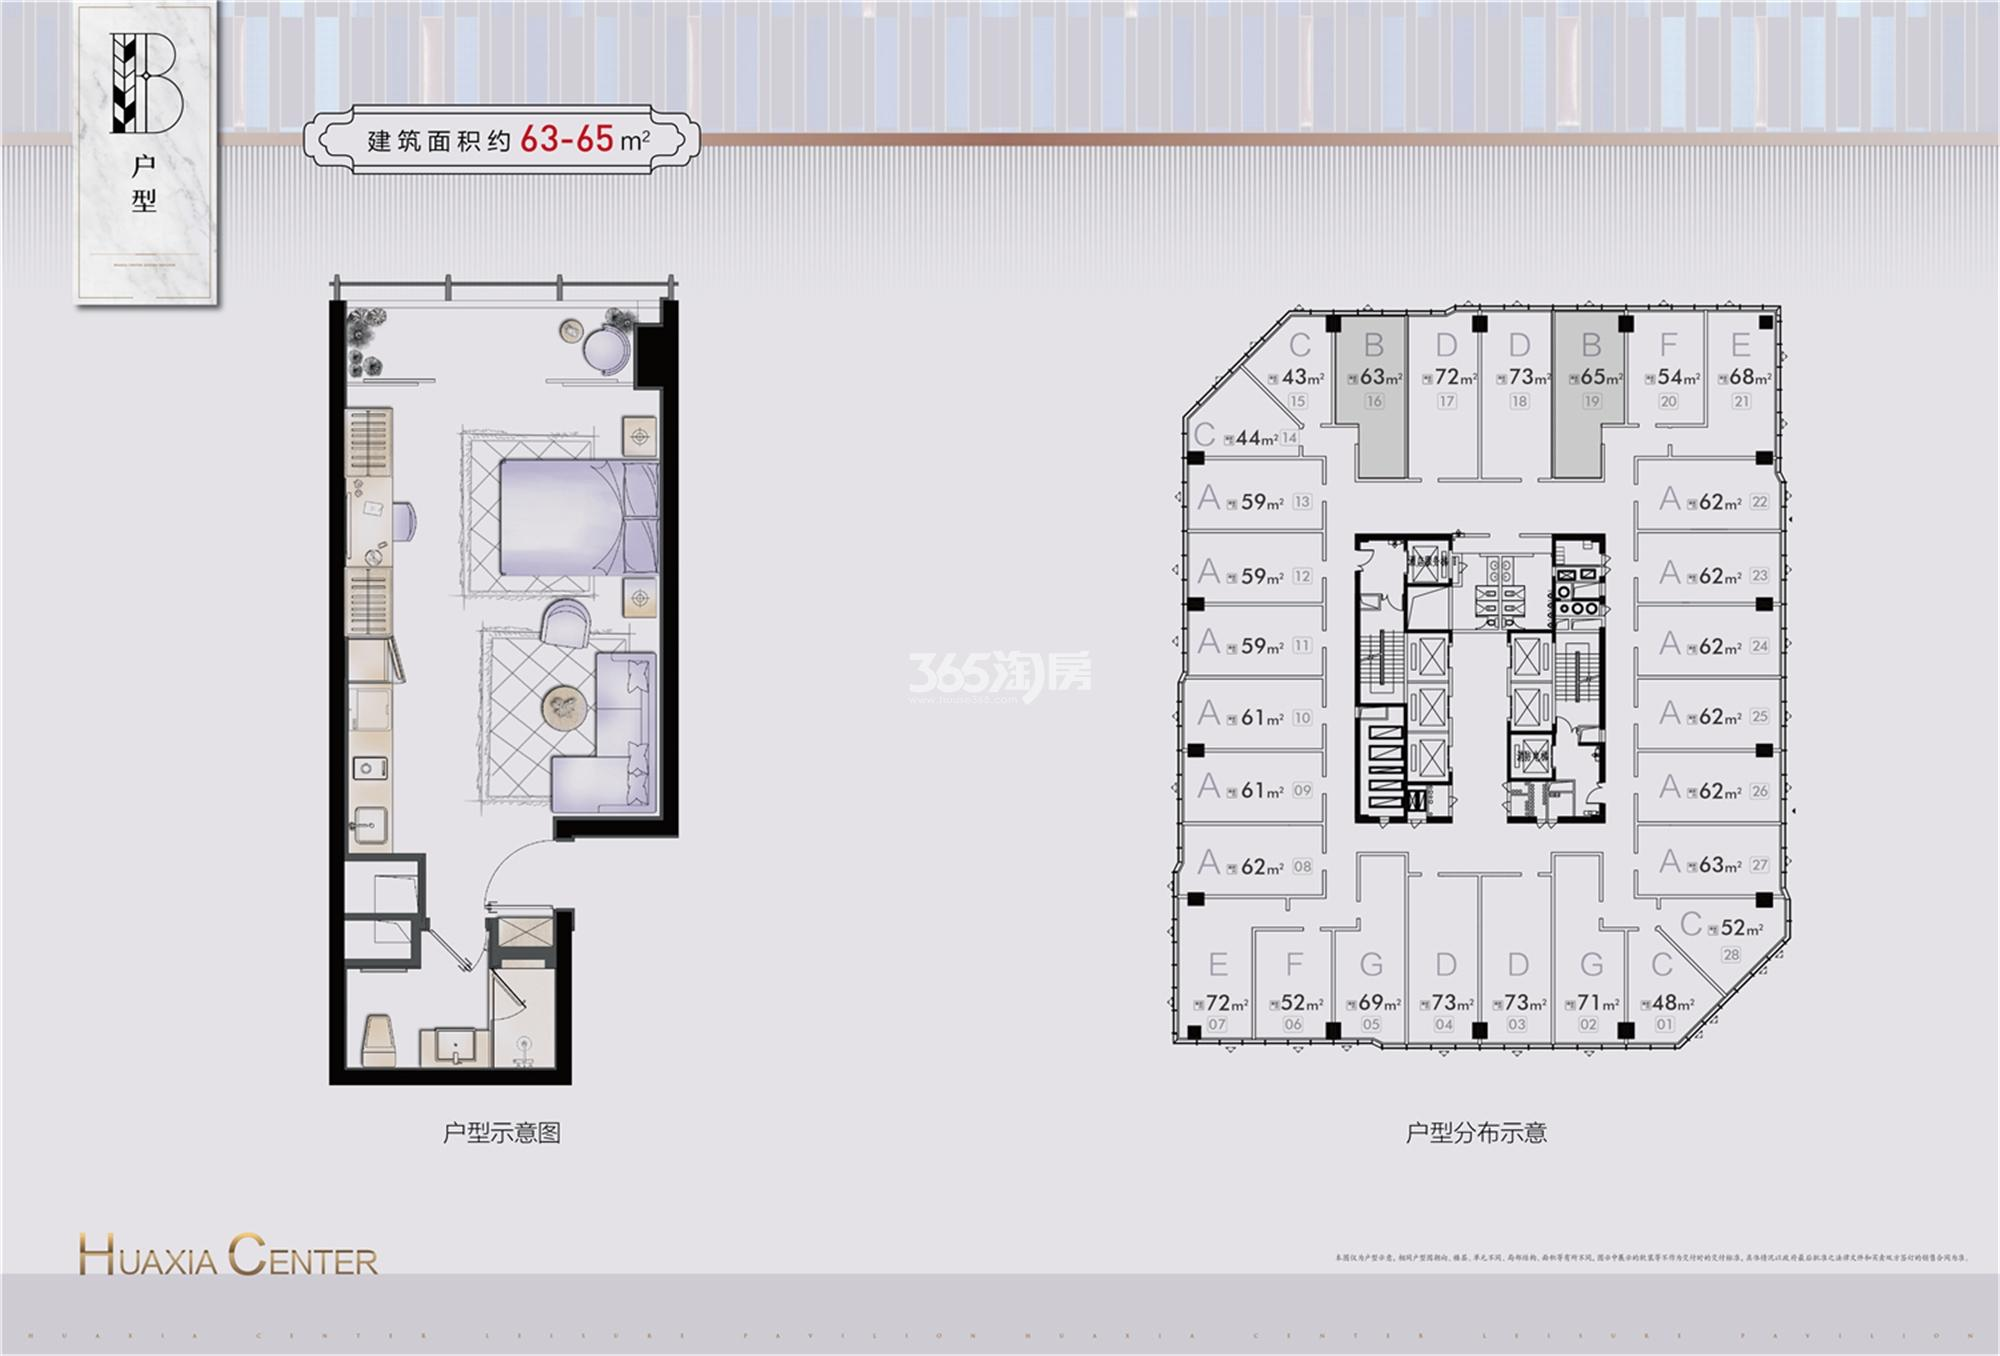 华夏之心公寓B户型 约63-65㎡